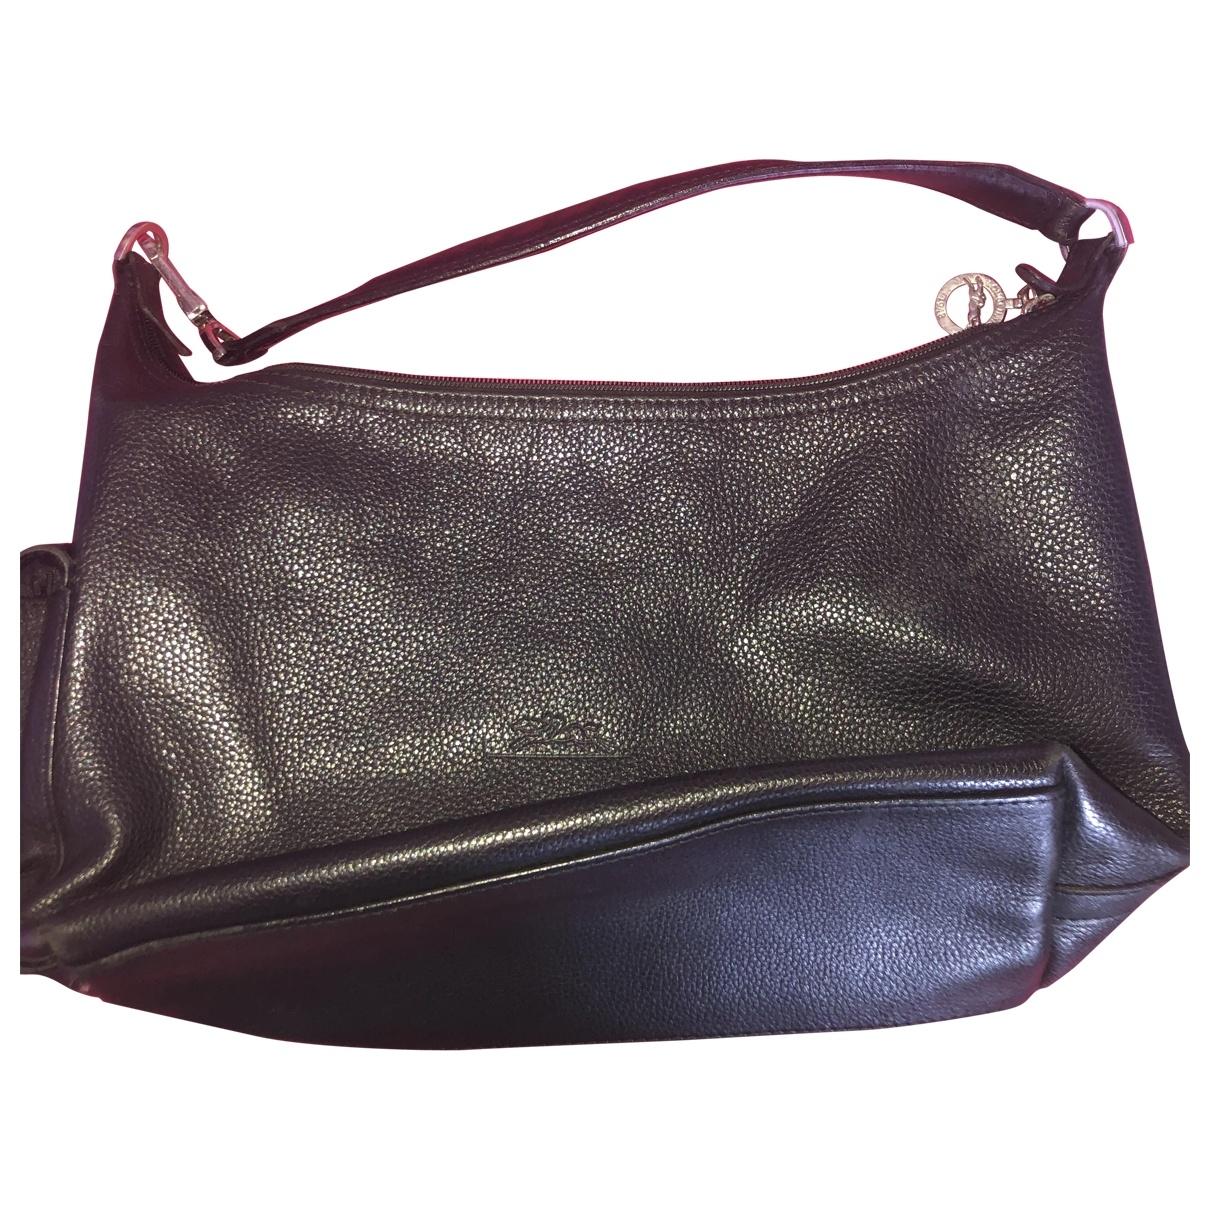 Longchamp \N Black Leather handbag for Women \N